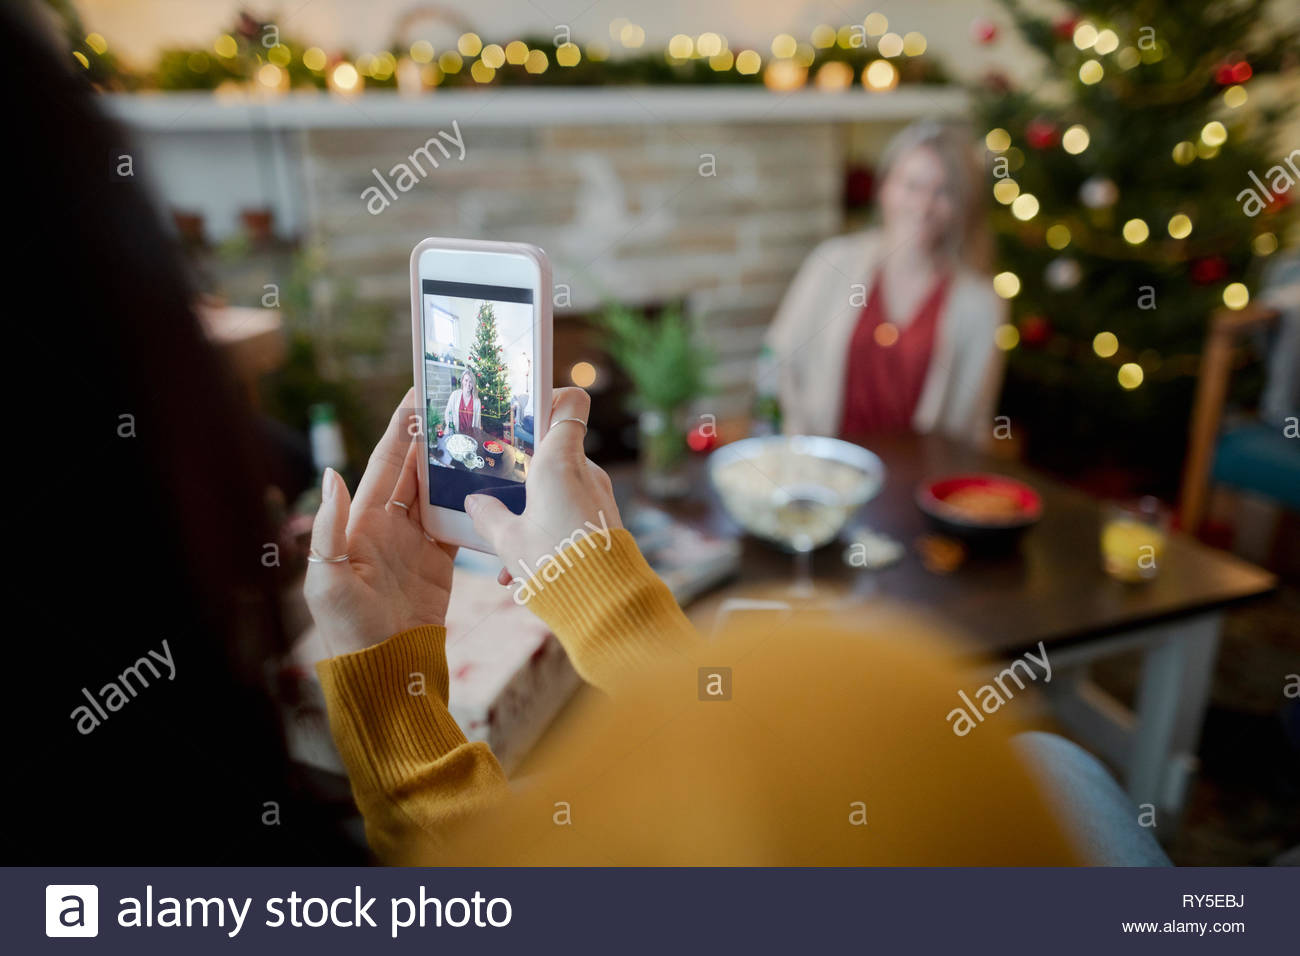 Frau mit Kamera Handy fotografieren Freund in Weihnachten Wohnzimmer Stockbild